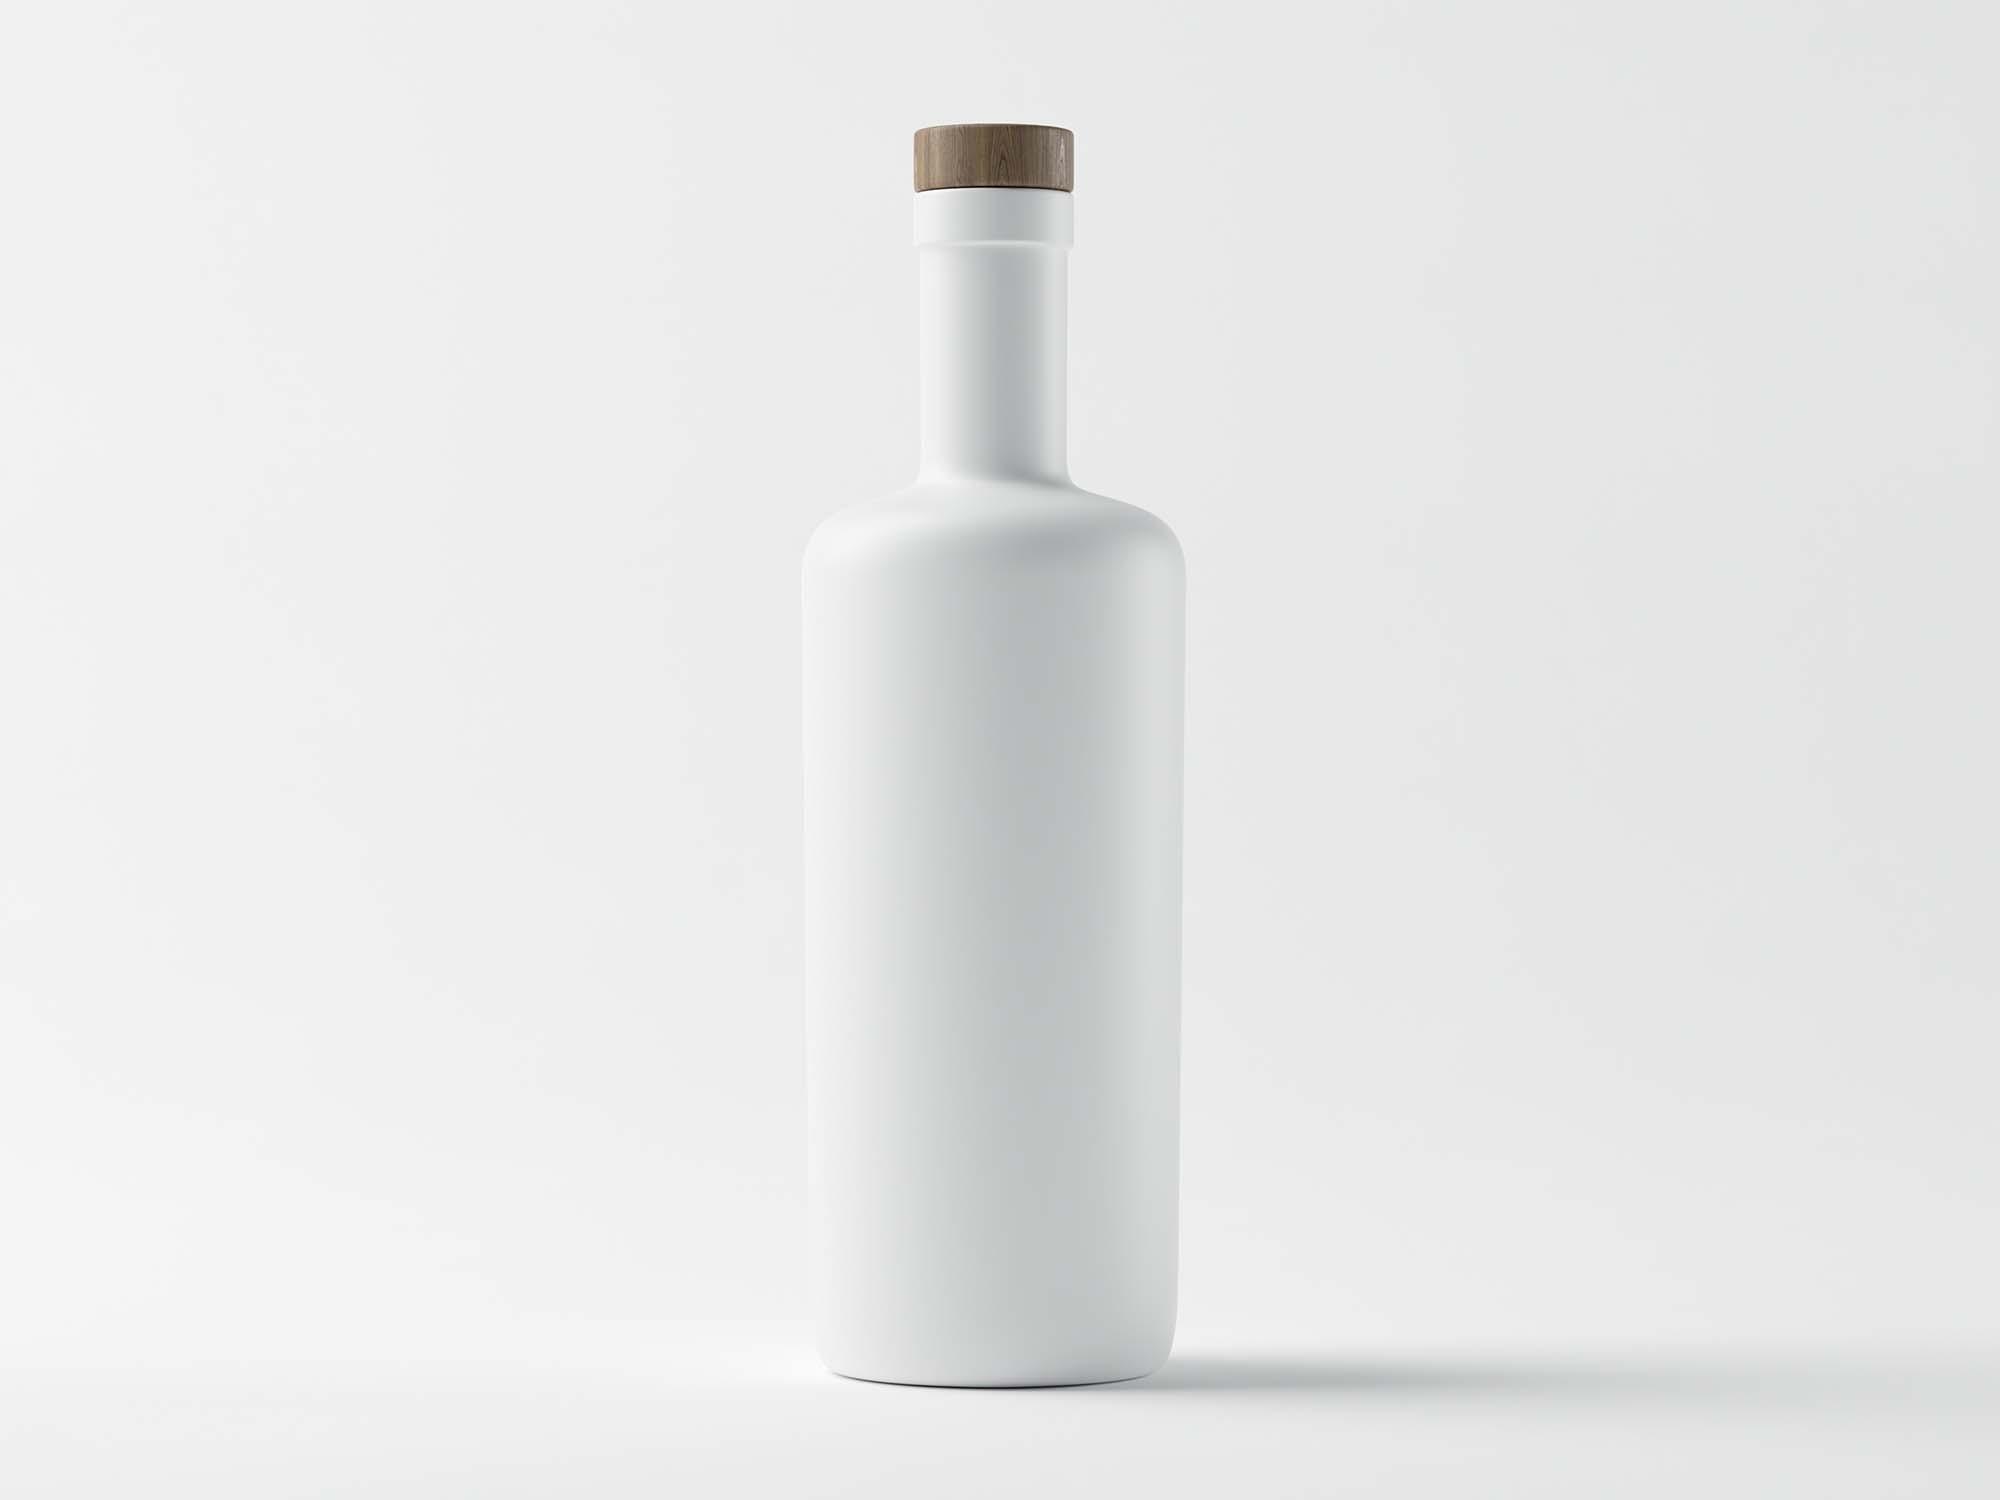 Matte White Bottle Mockup 2